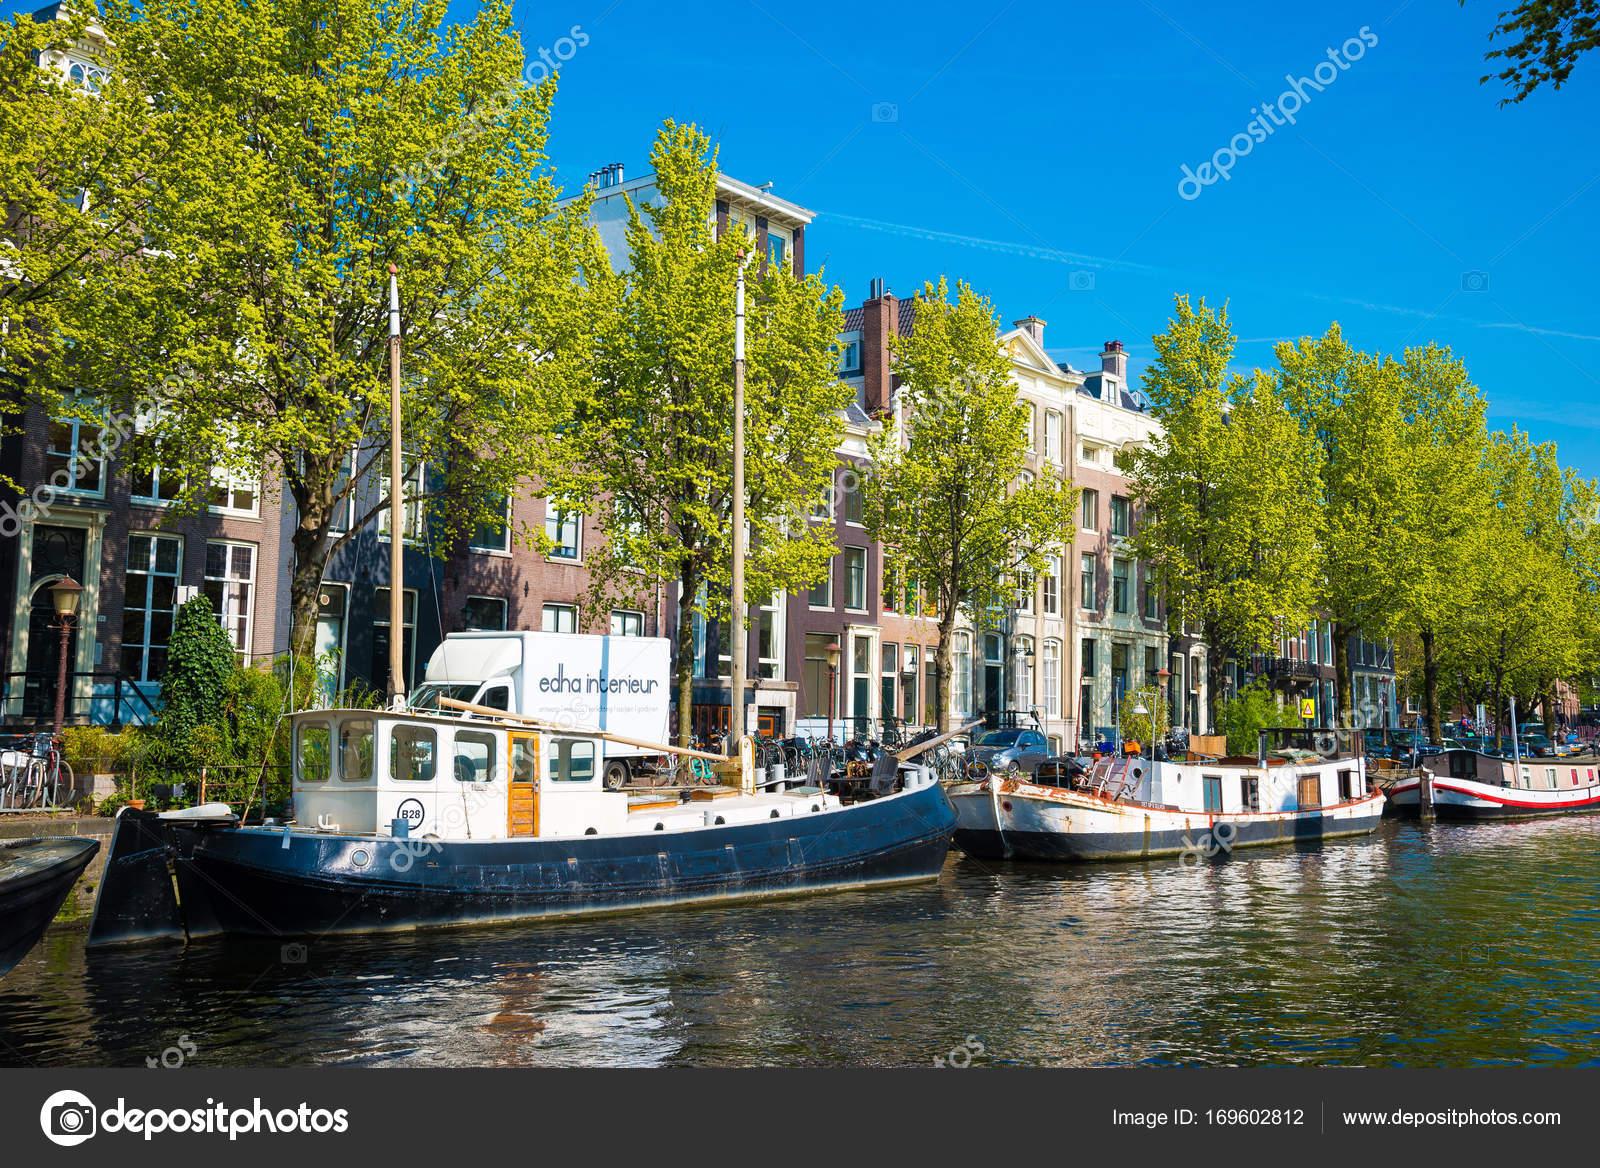 Kanal, Boote und Häuser in Amsterdam, Niederlande — Redaktionelles ...